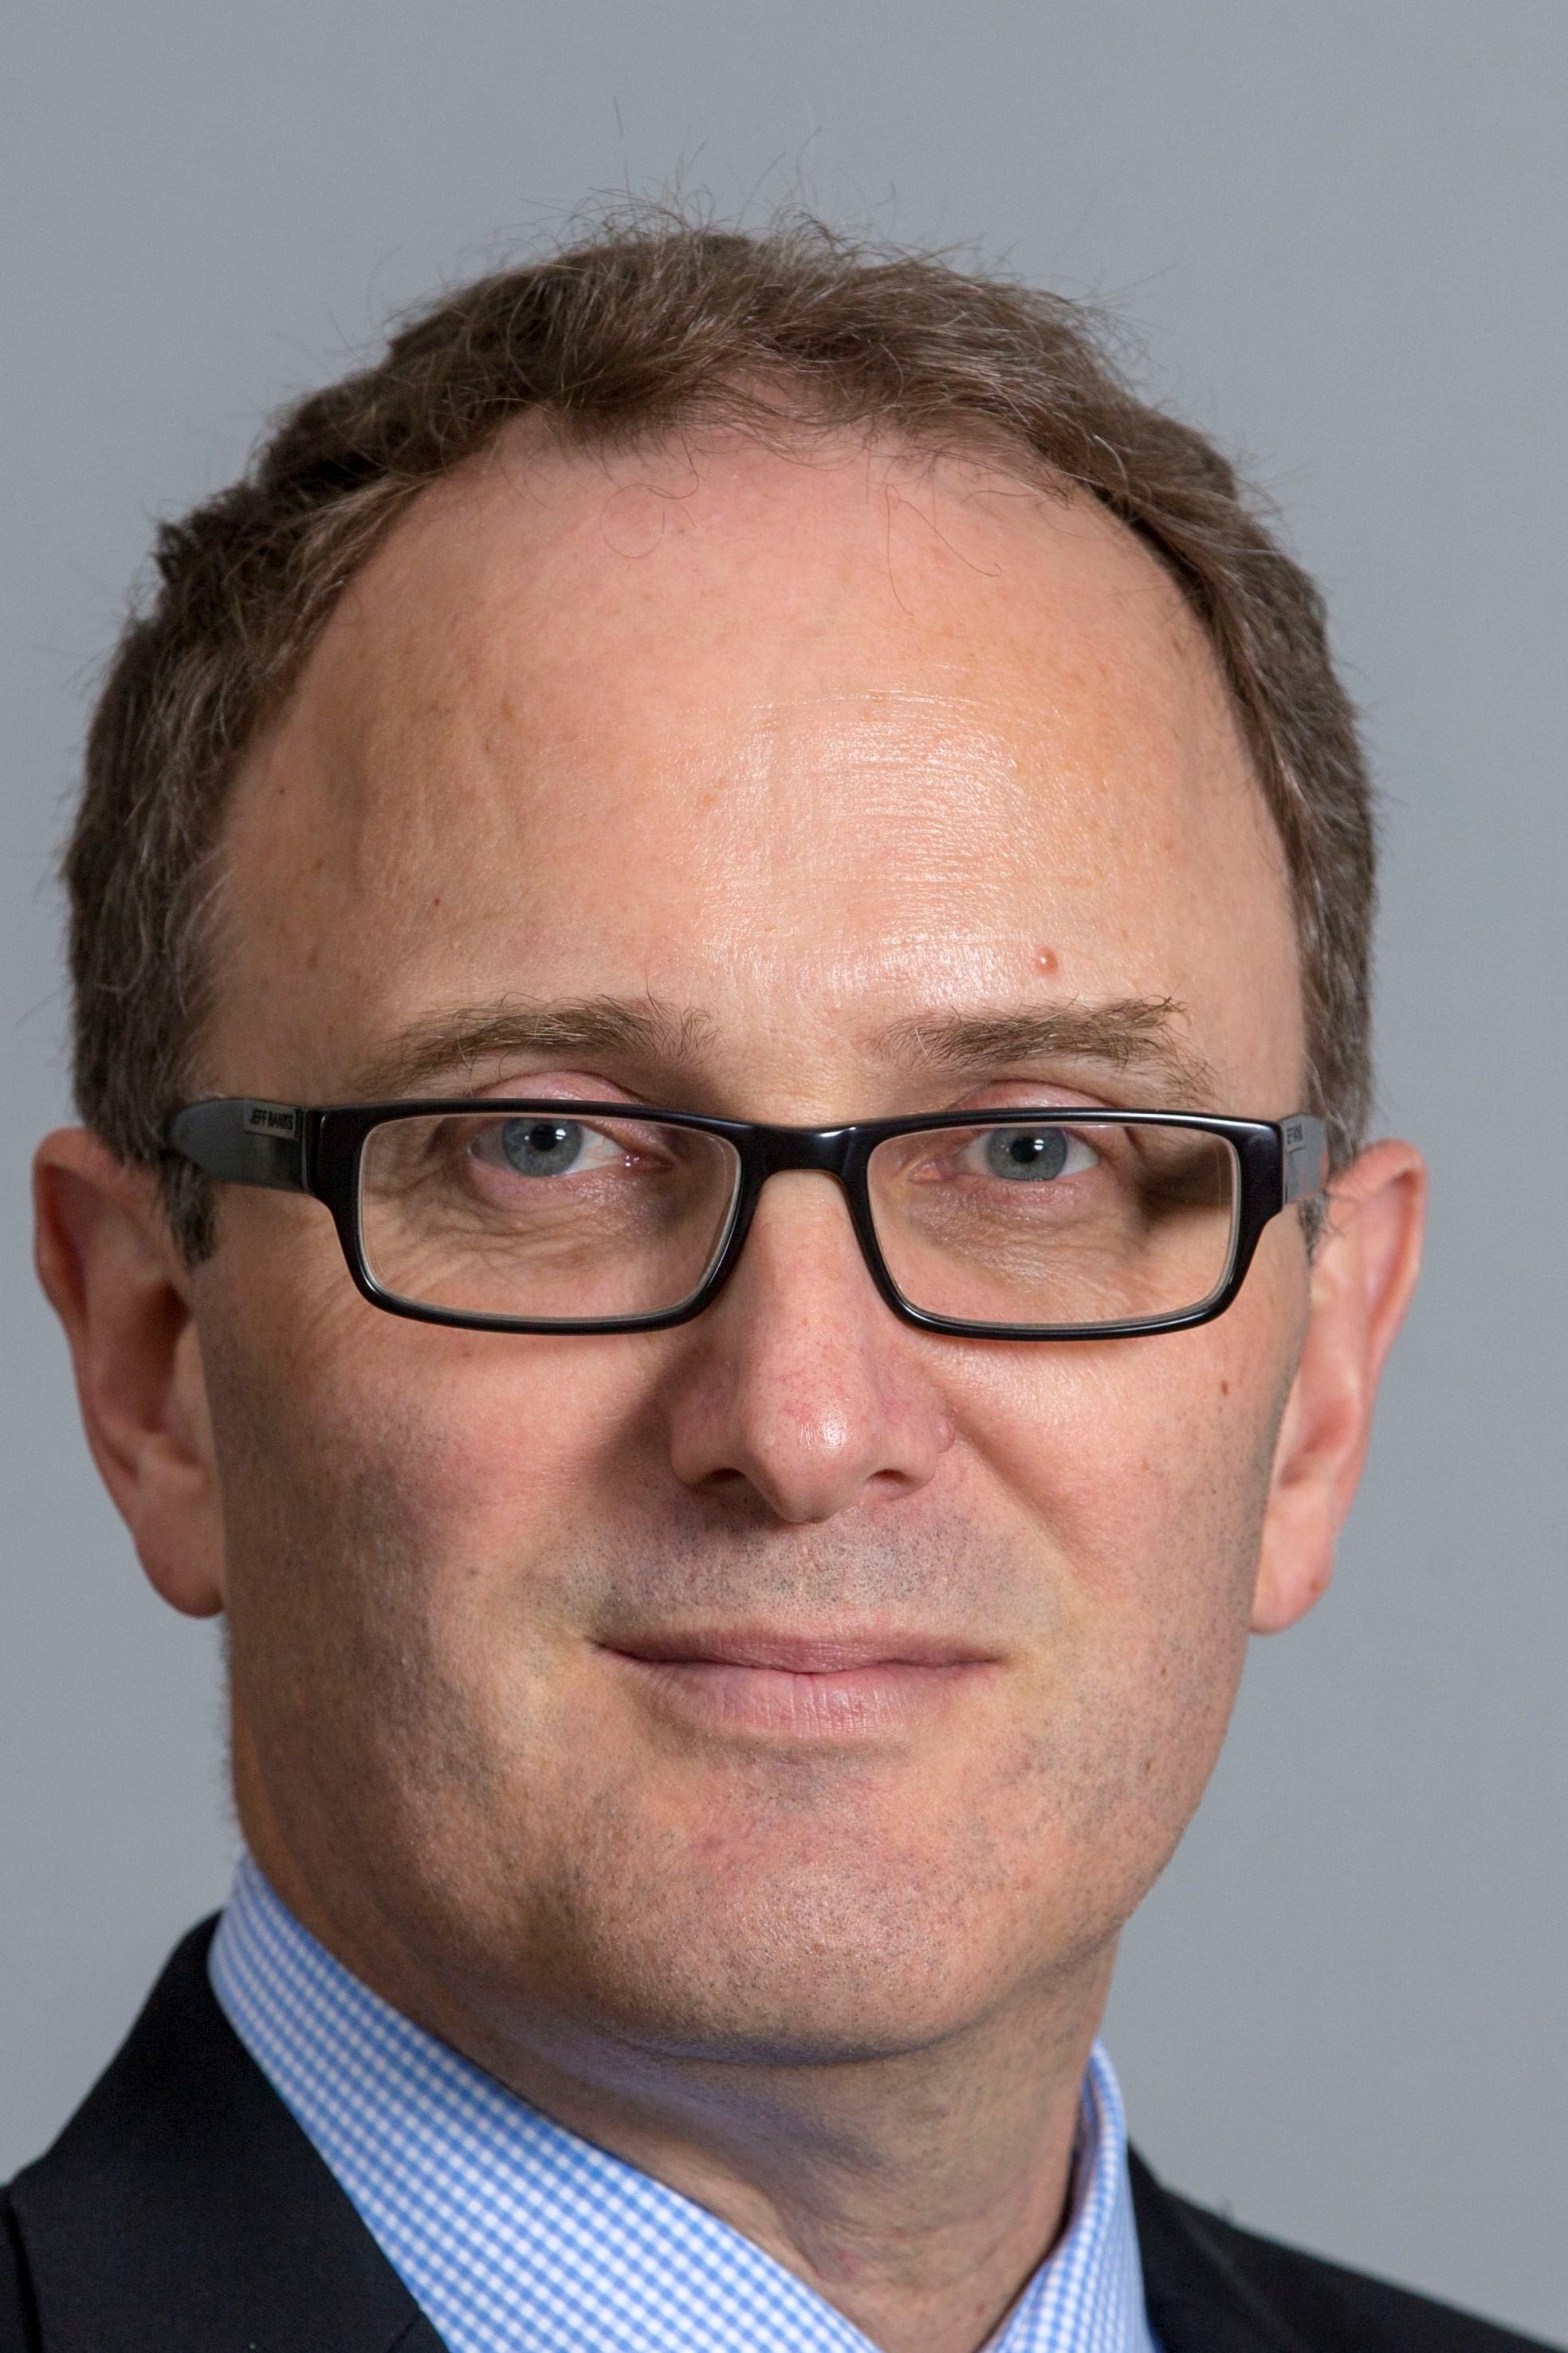 Jason Matangi